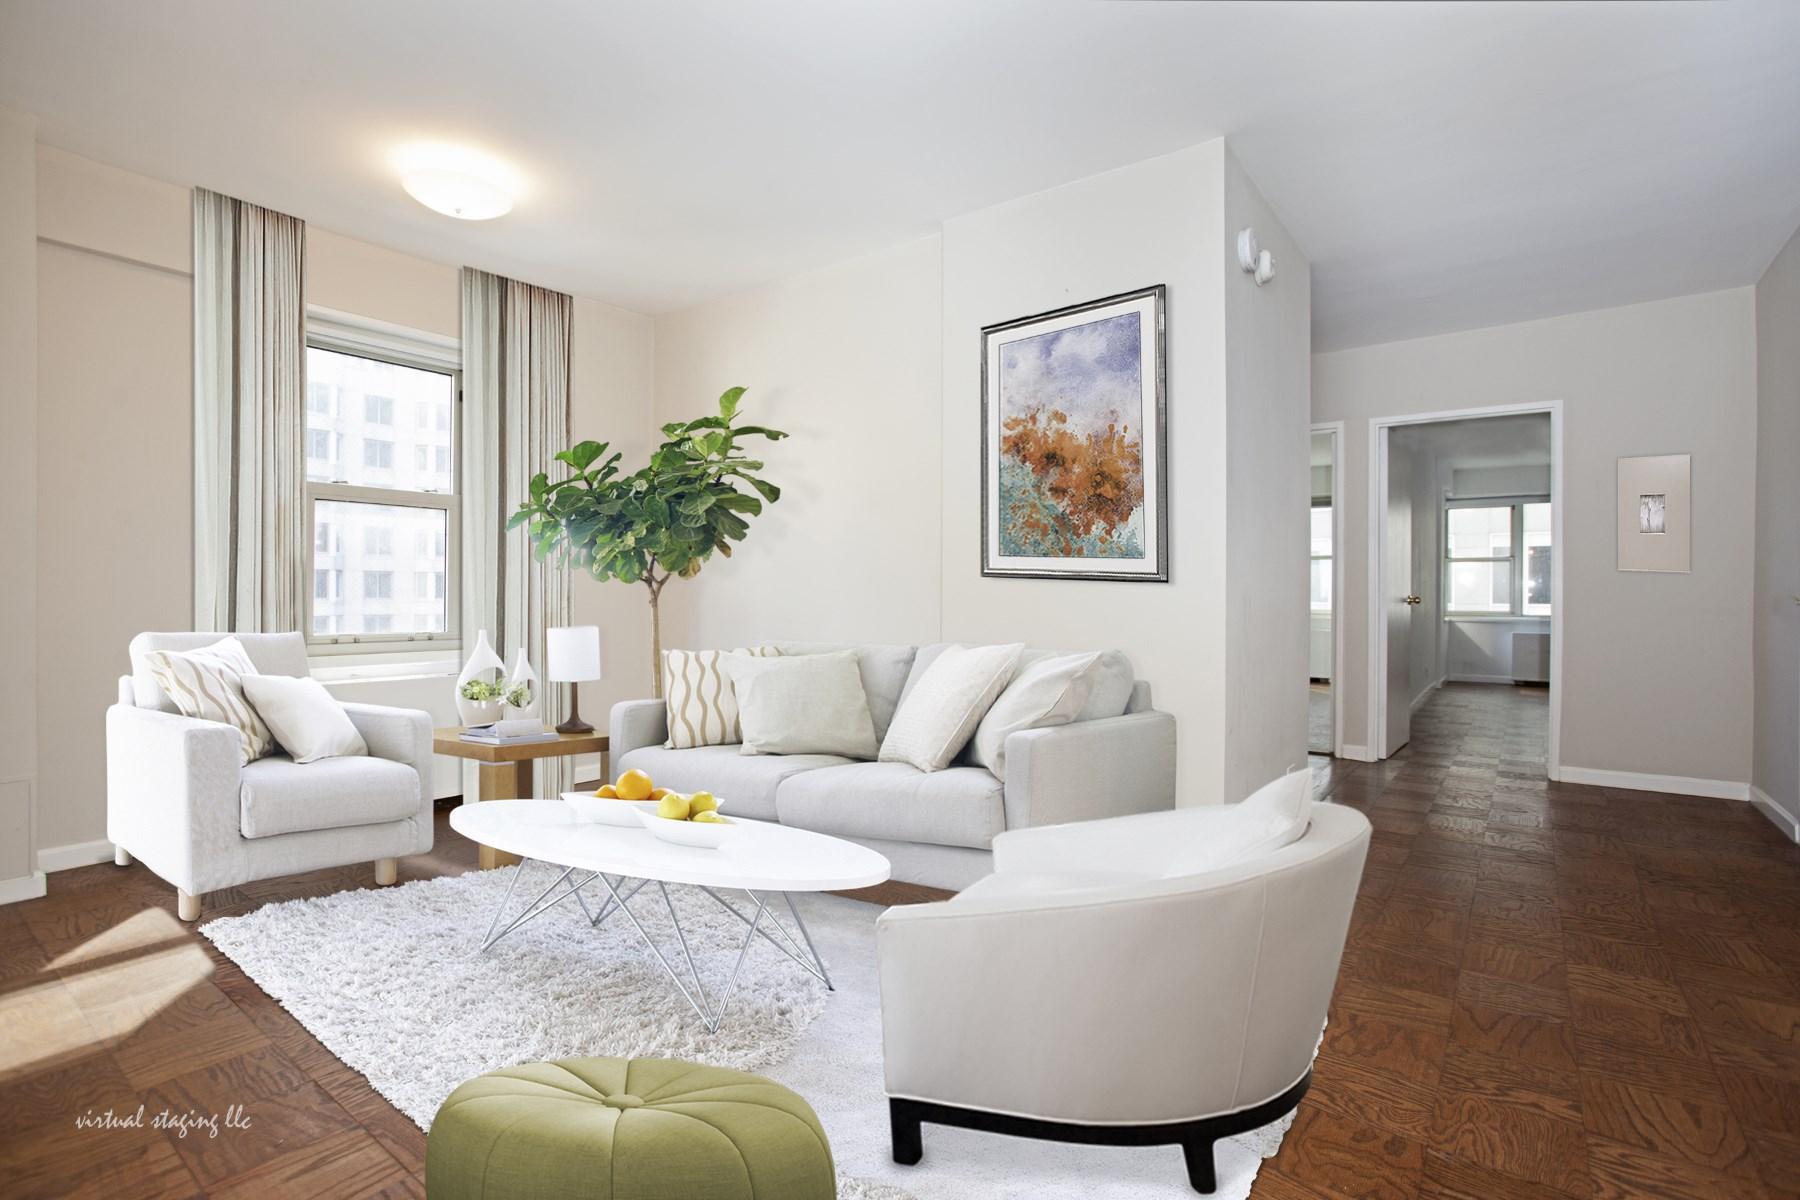 Condomínio para Venda às 159 West 53rd Street, Apt 23H 159 West 53rd Street Apt 23h New York, Nova York 10019 Estados Unidos